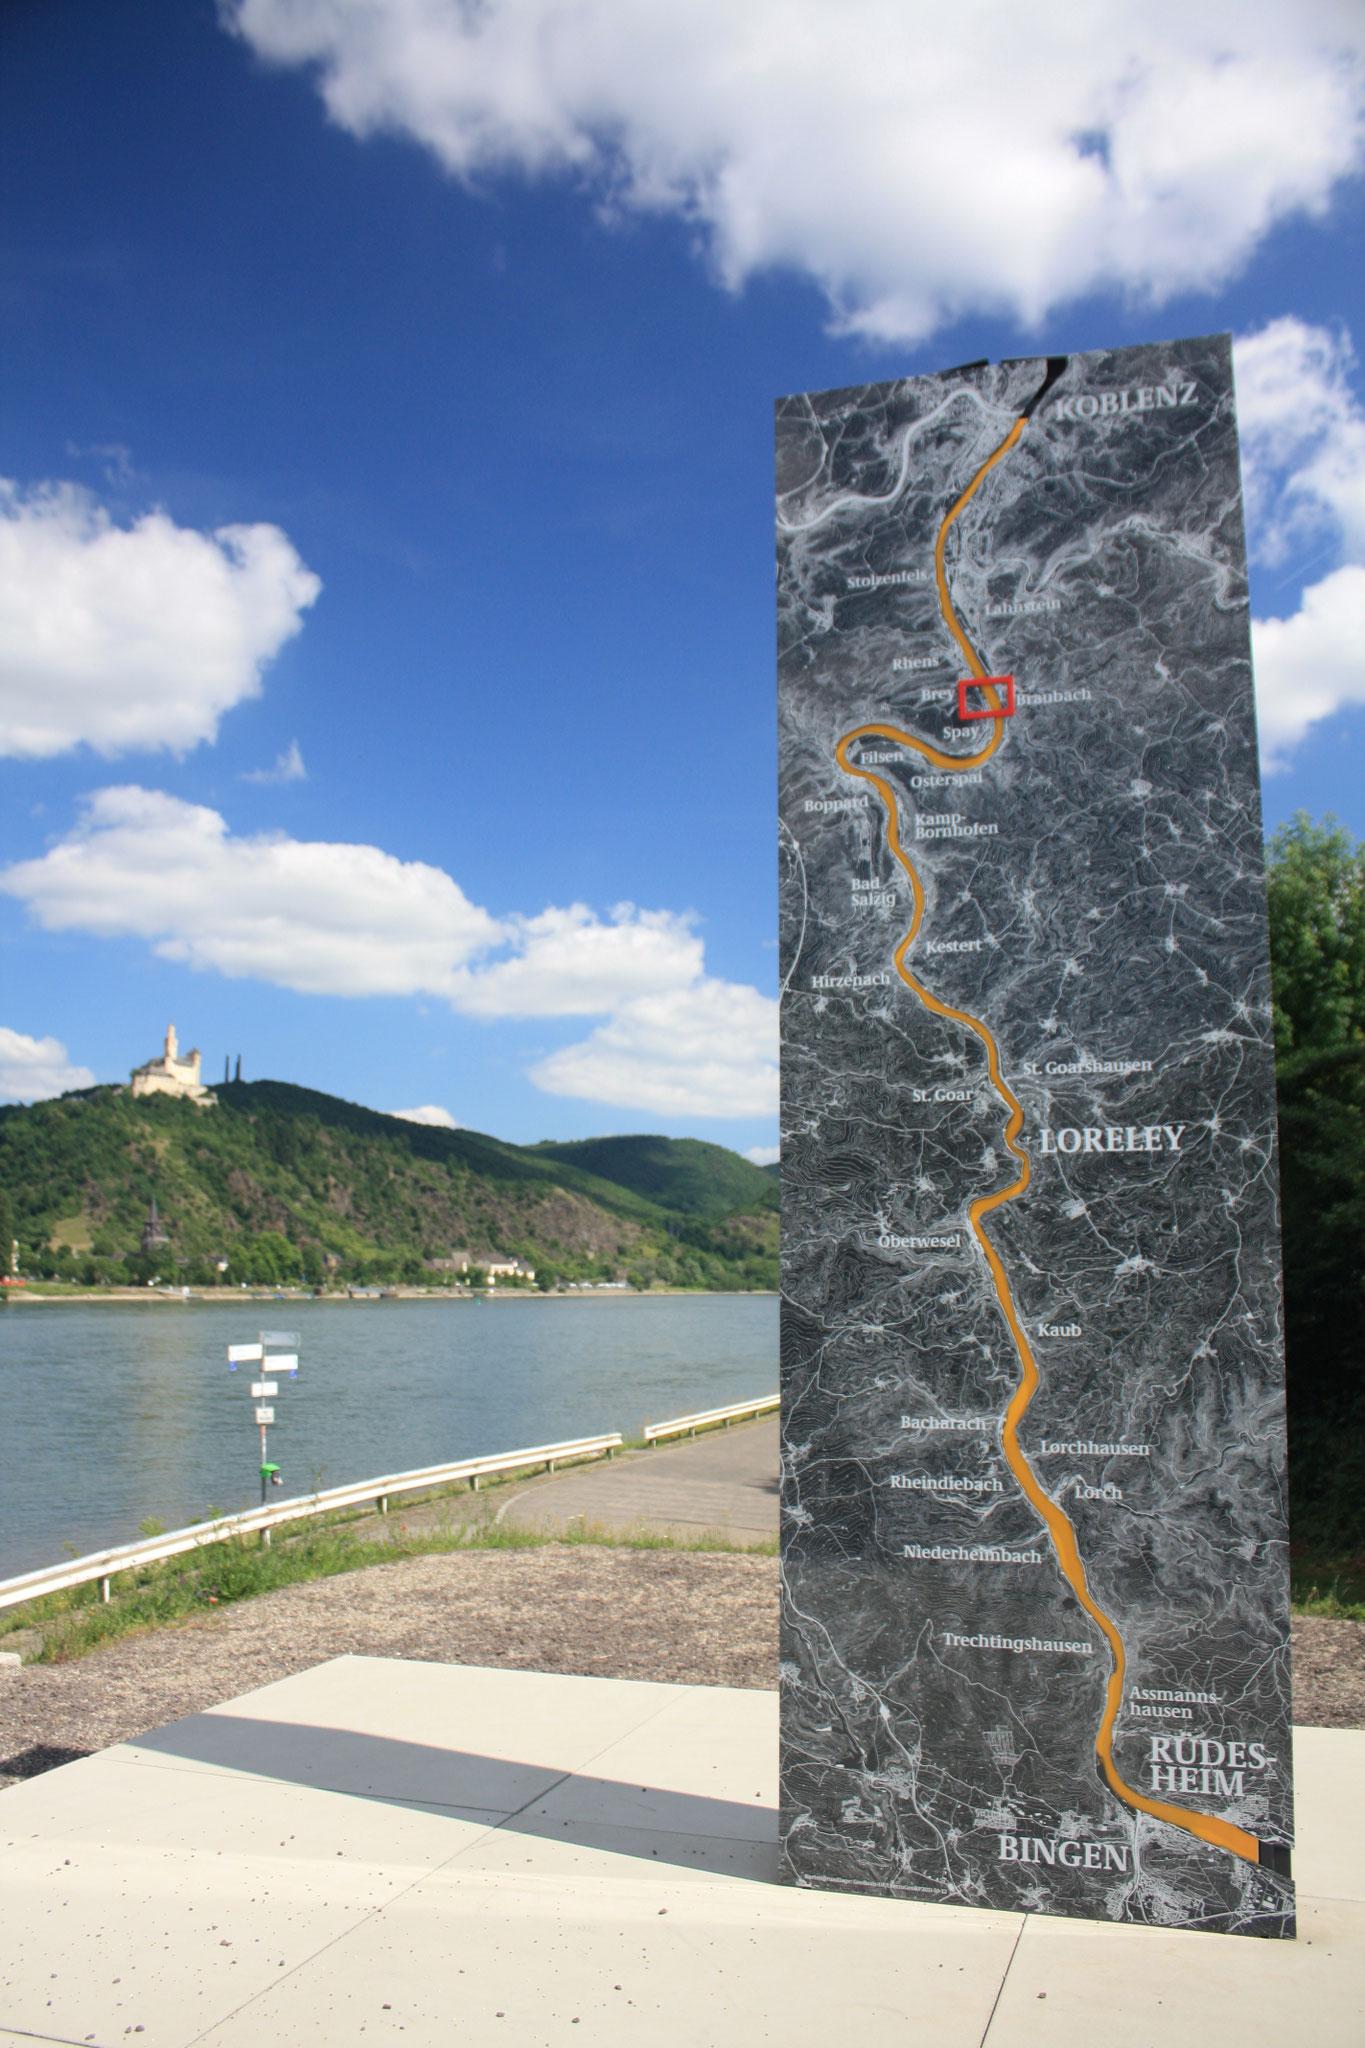 Рейнский карнавал и долины  трех рек. 8 дней/7 ночей. От 870 евро в мини-группе 5 человек.